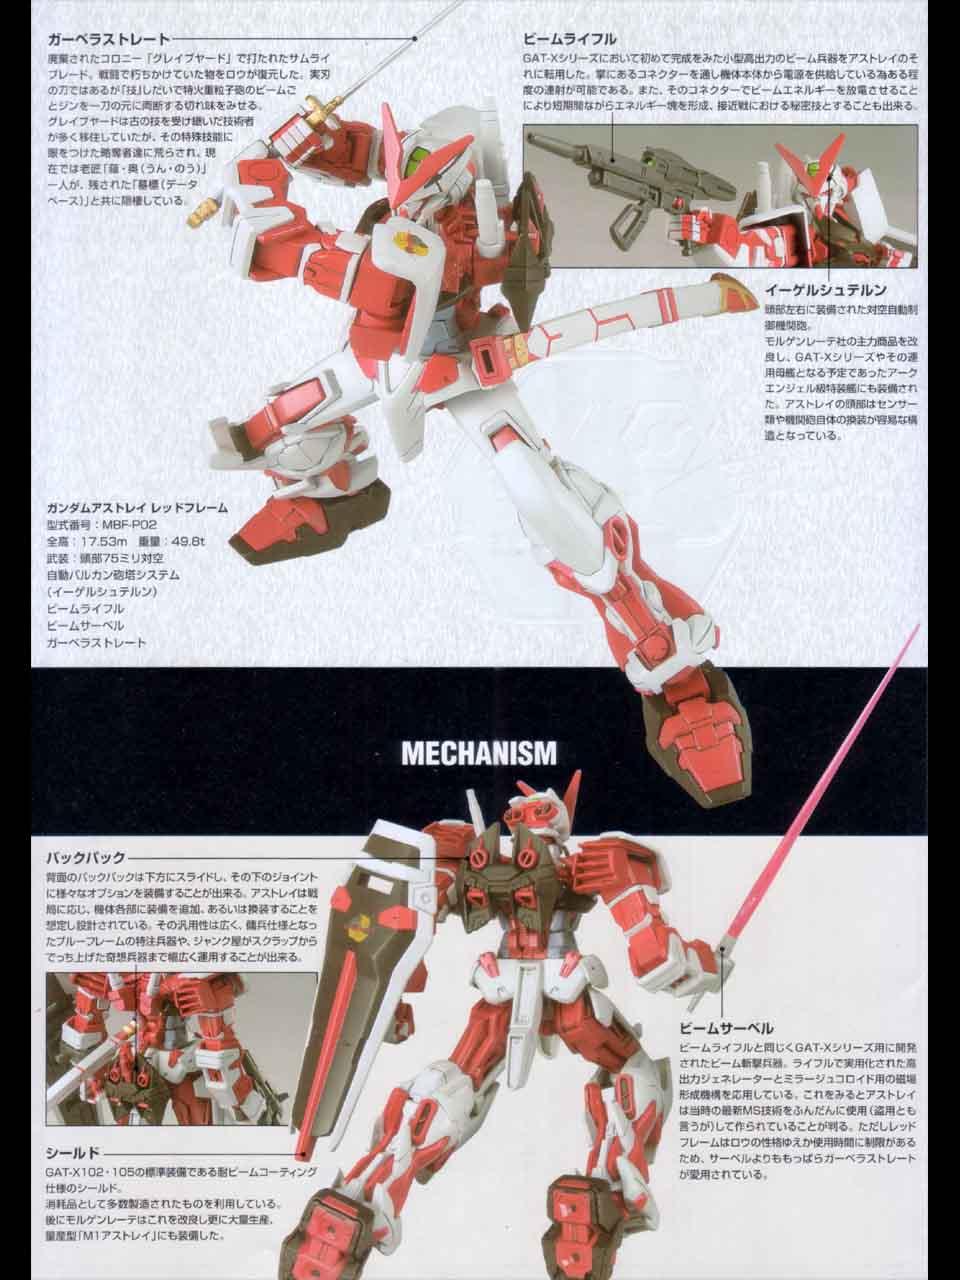 HG_MBF_P02_RED_FRAME_07.jpg